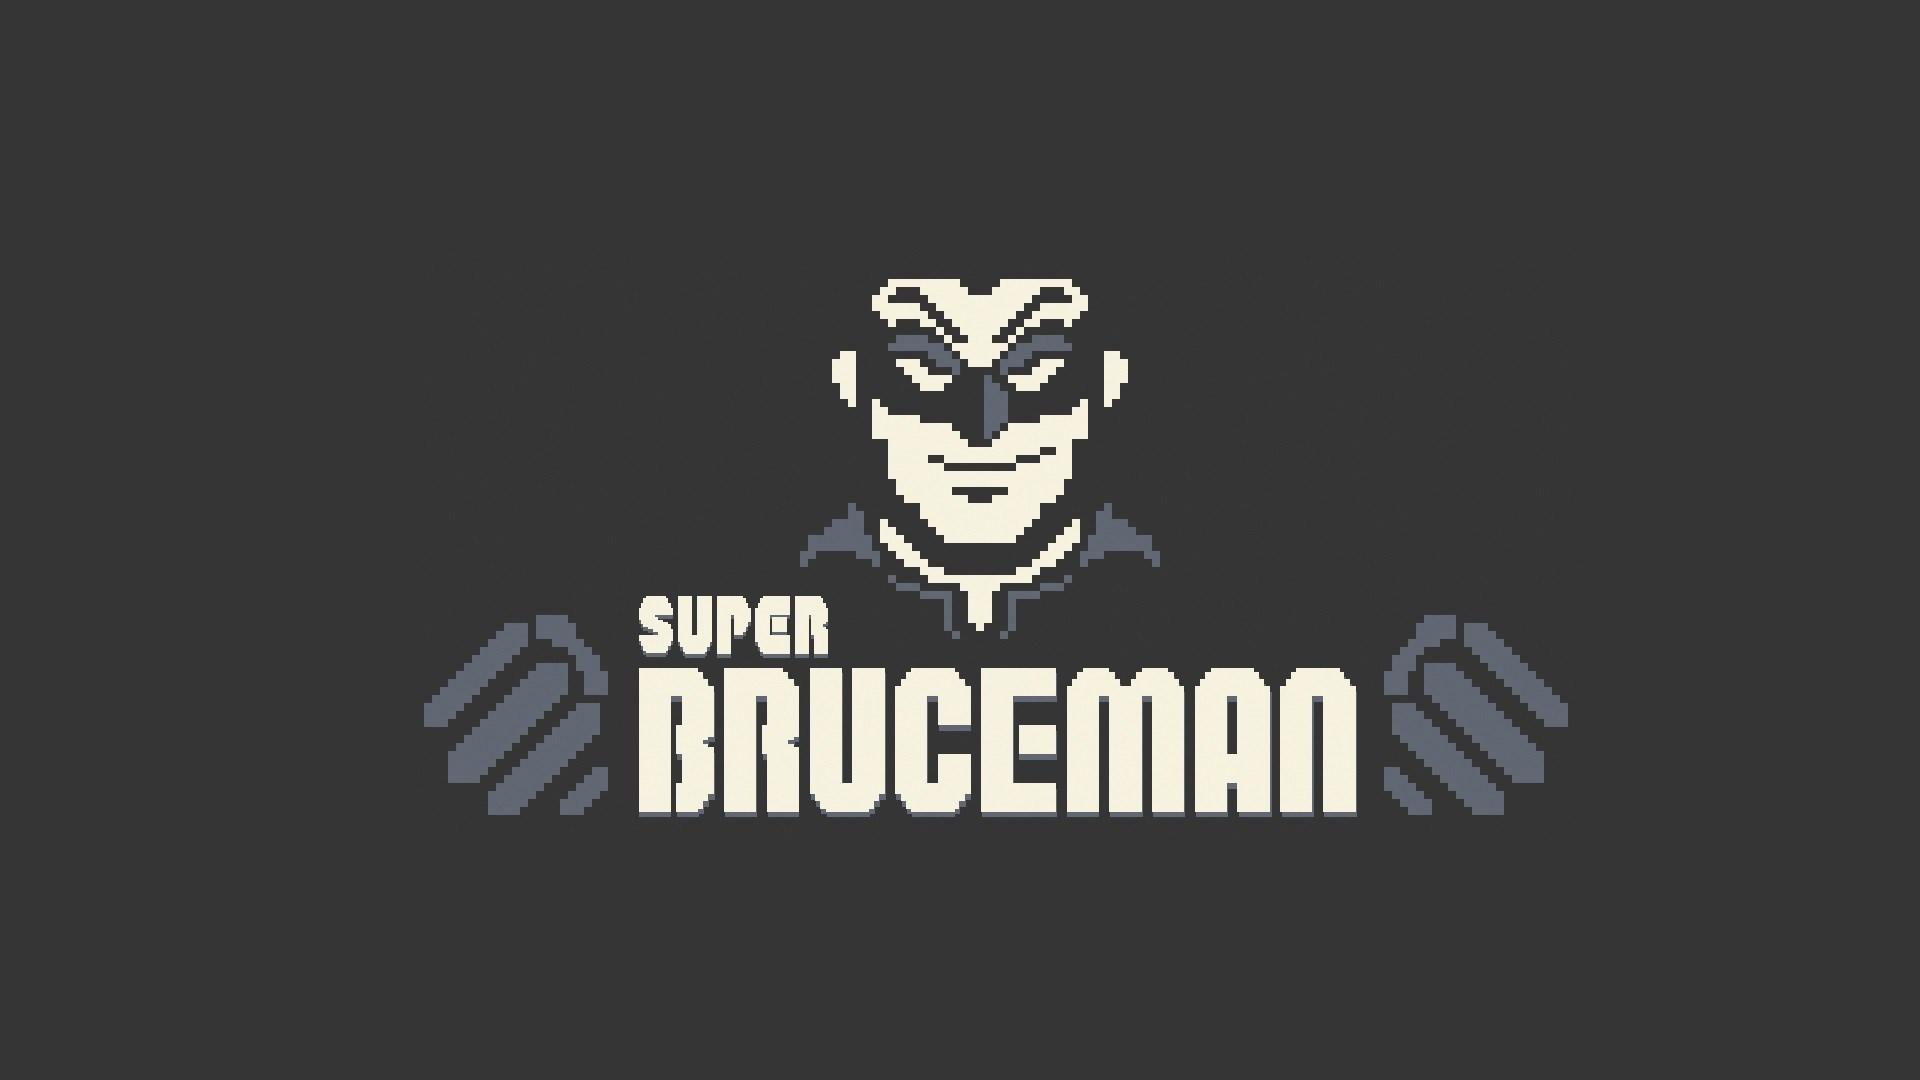 Super Bruceman Art